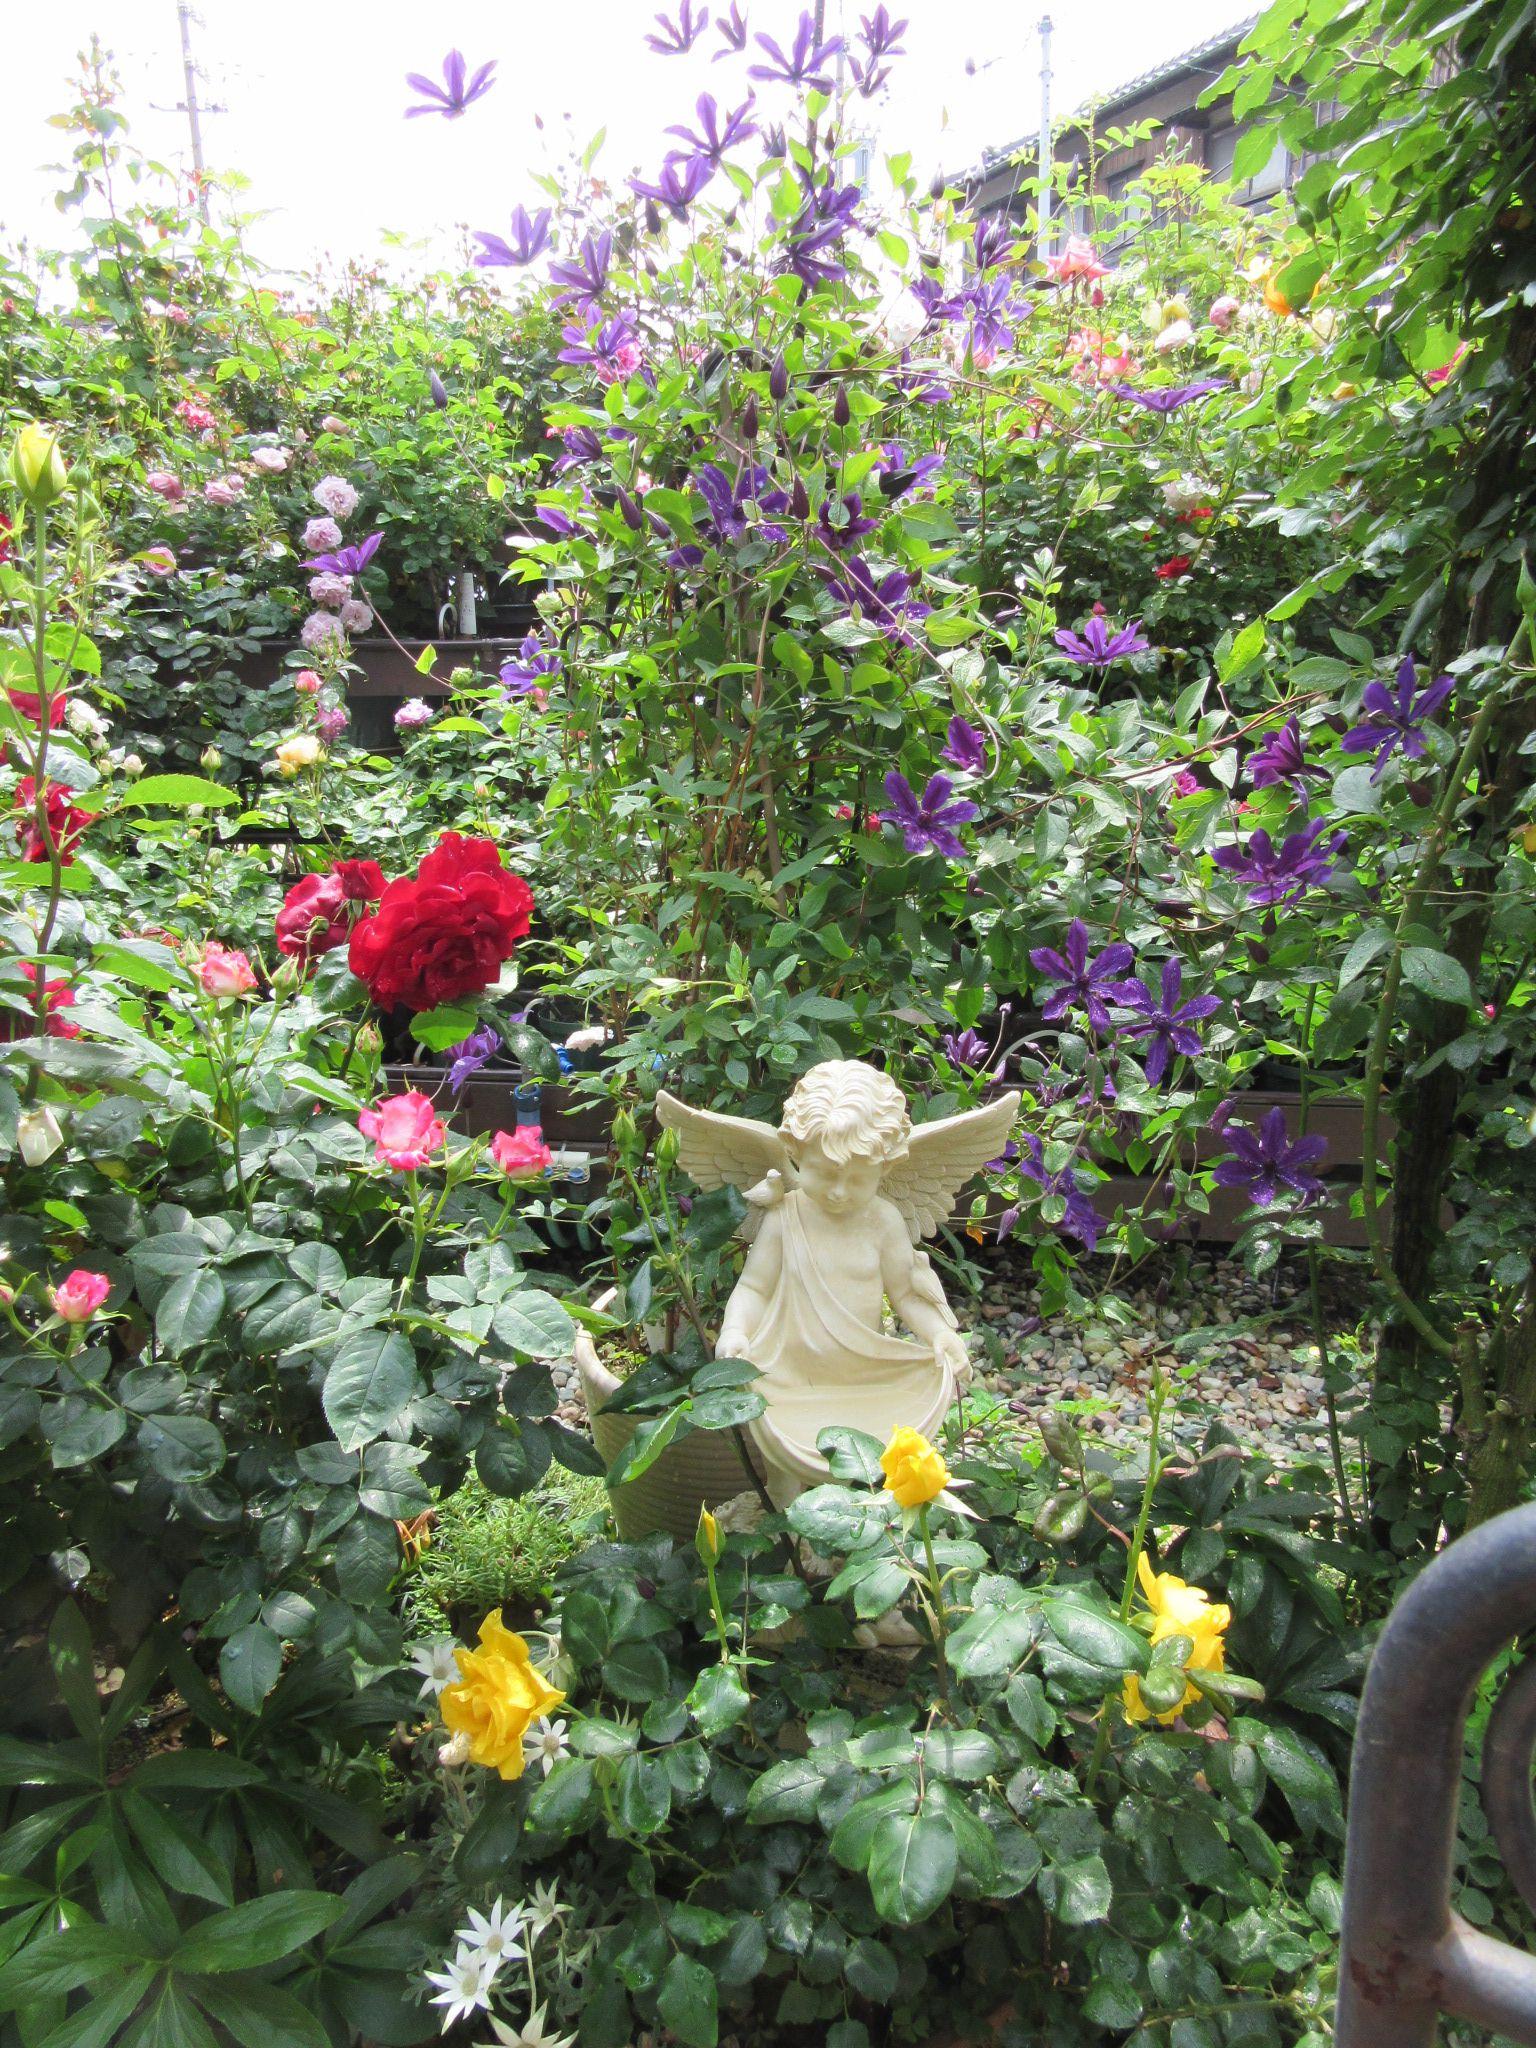 ば 薔薇 あ ば の 花園 の